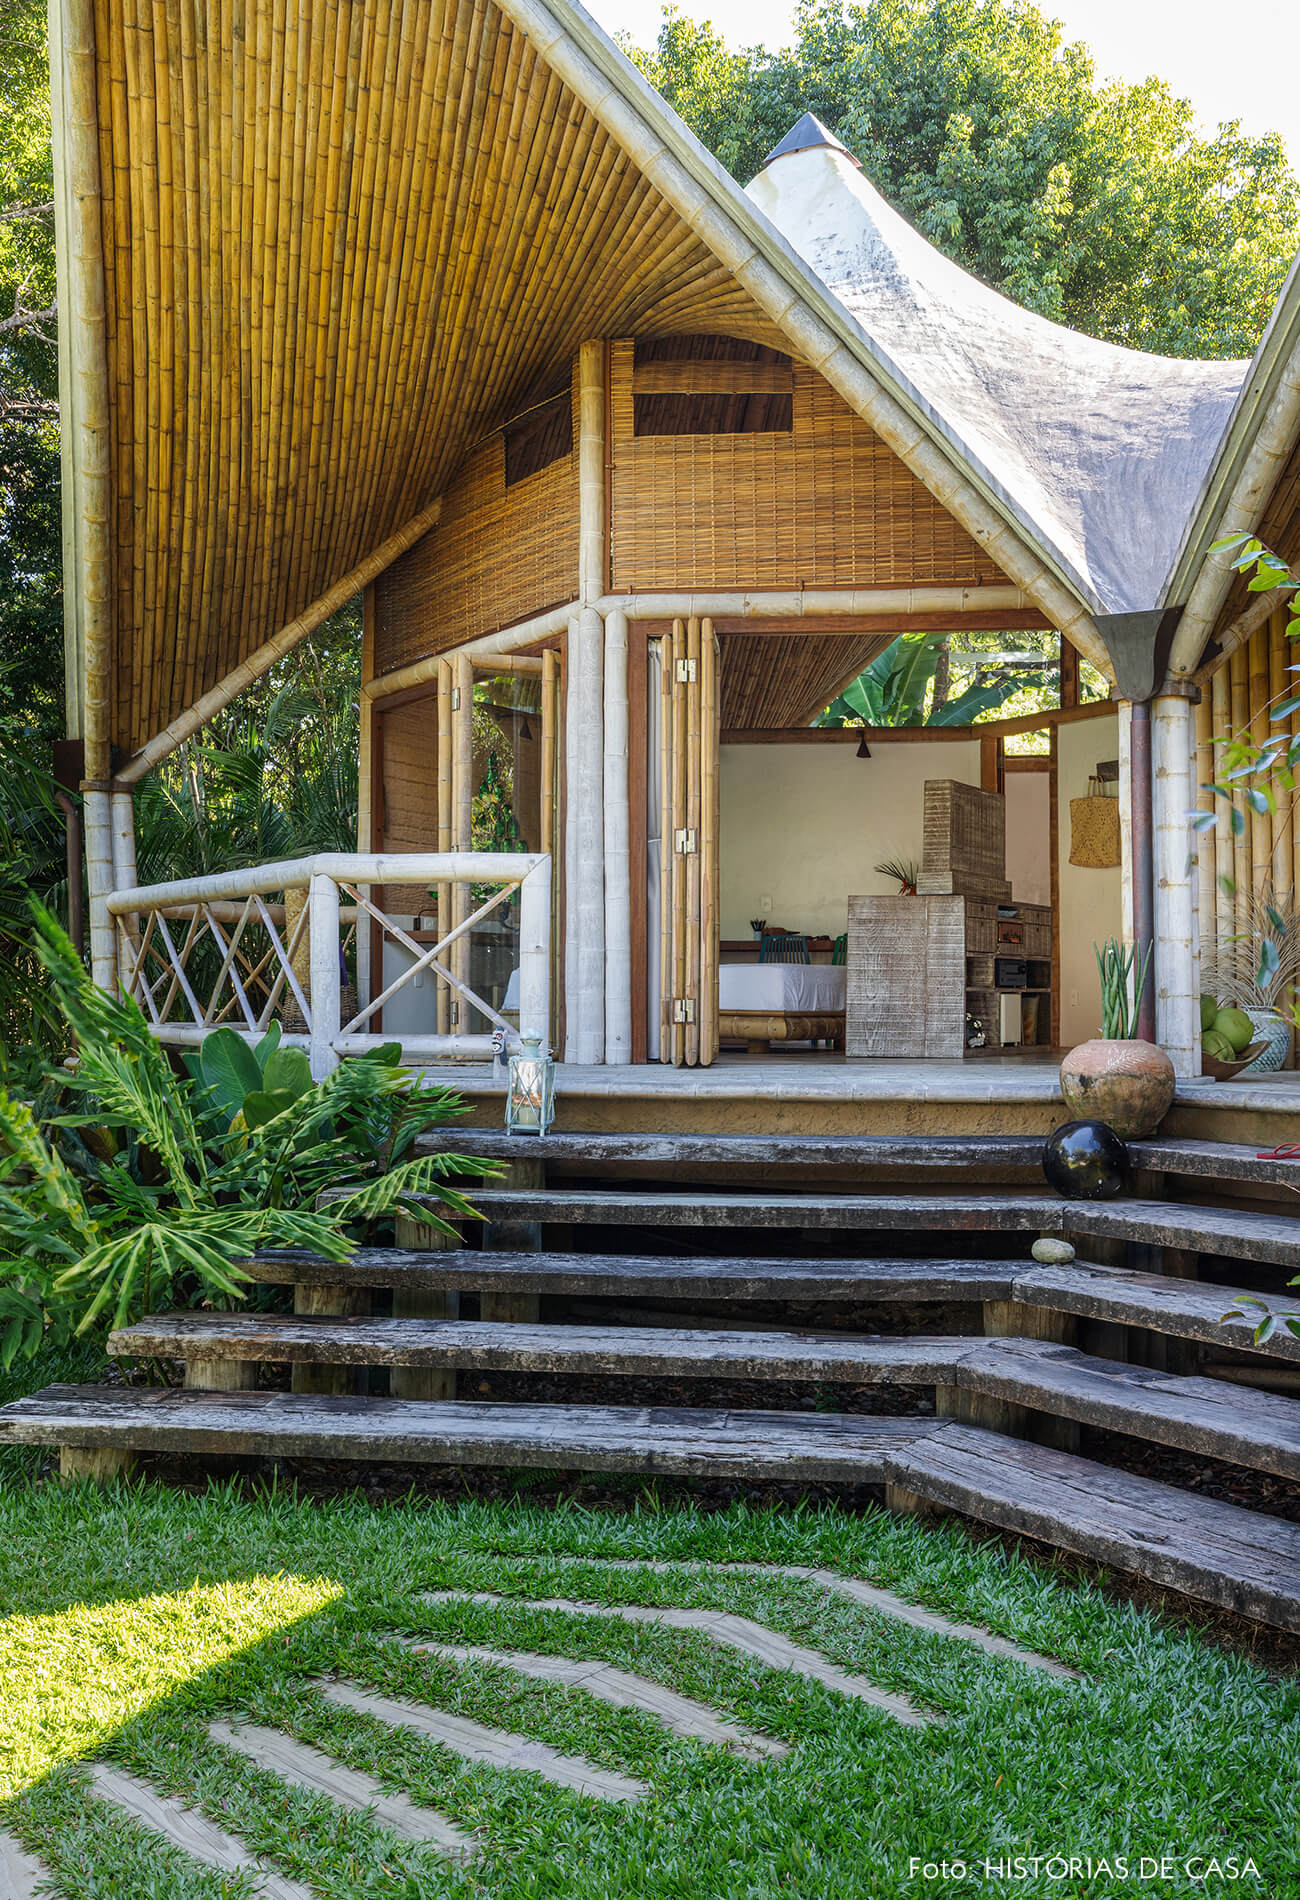 vilasete-hotel-decoracao-47-escada-madeira-teto-bambu-jardim